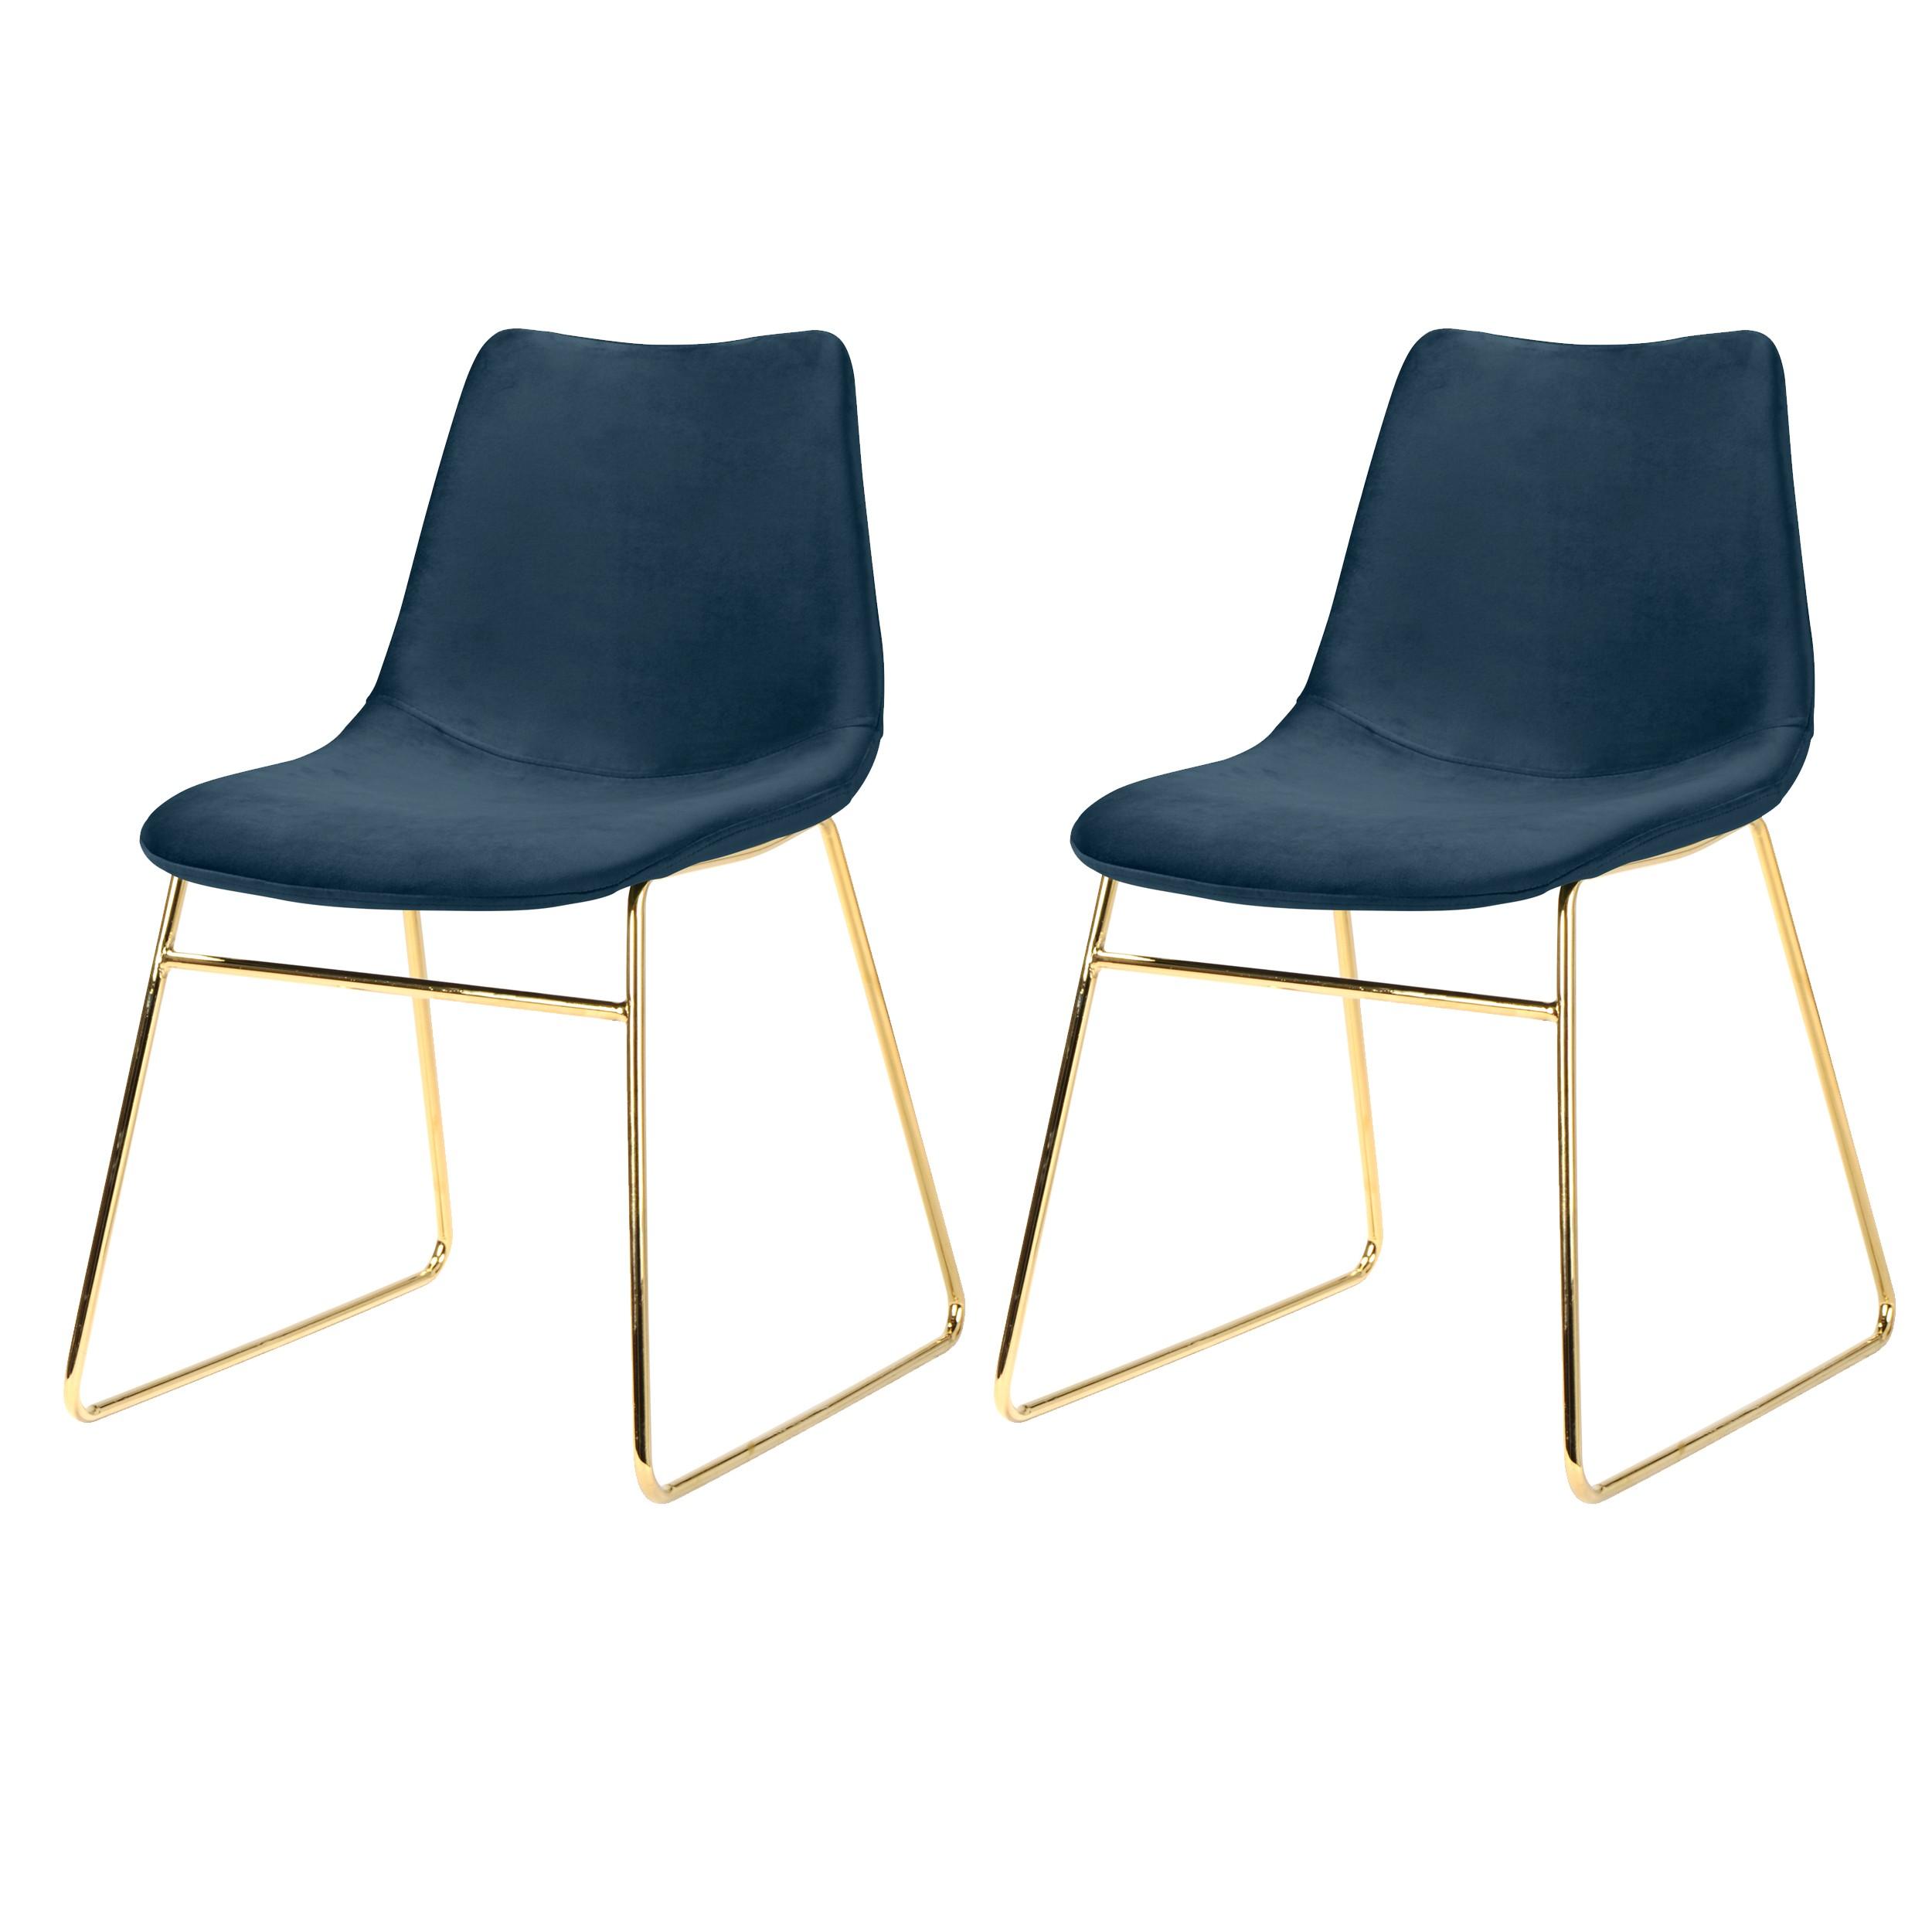 acheter chaise velours bleu fonce pieds dores